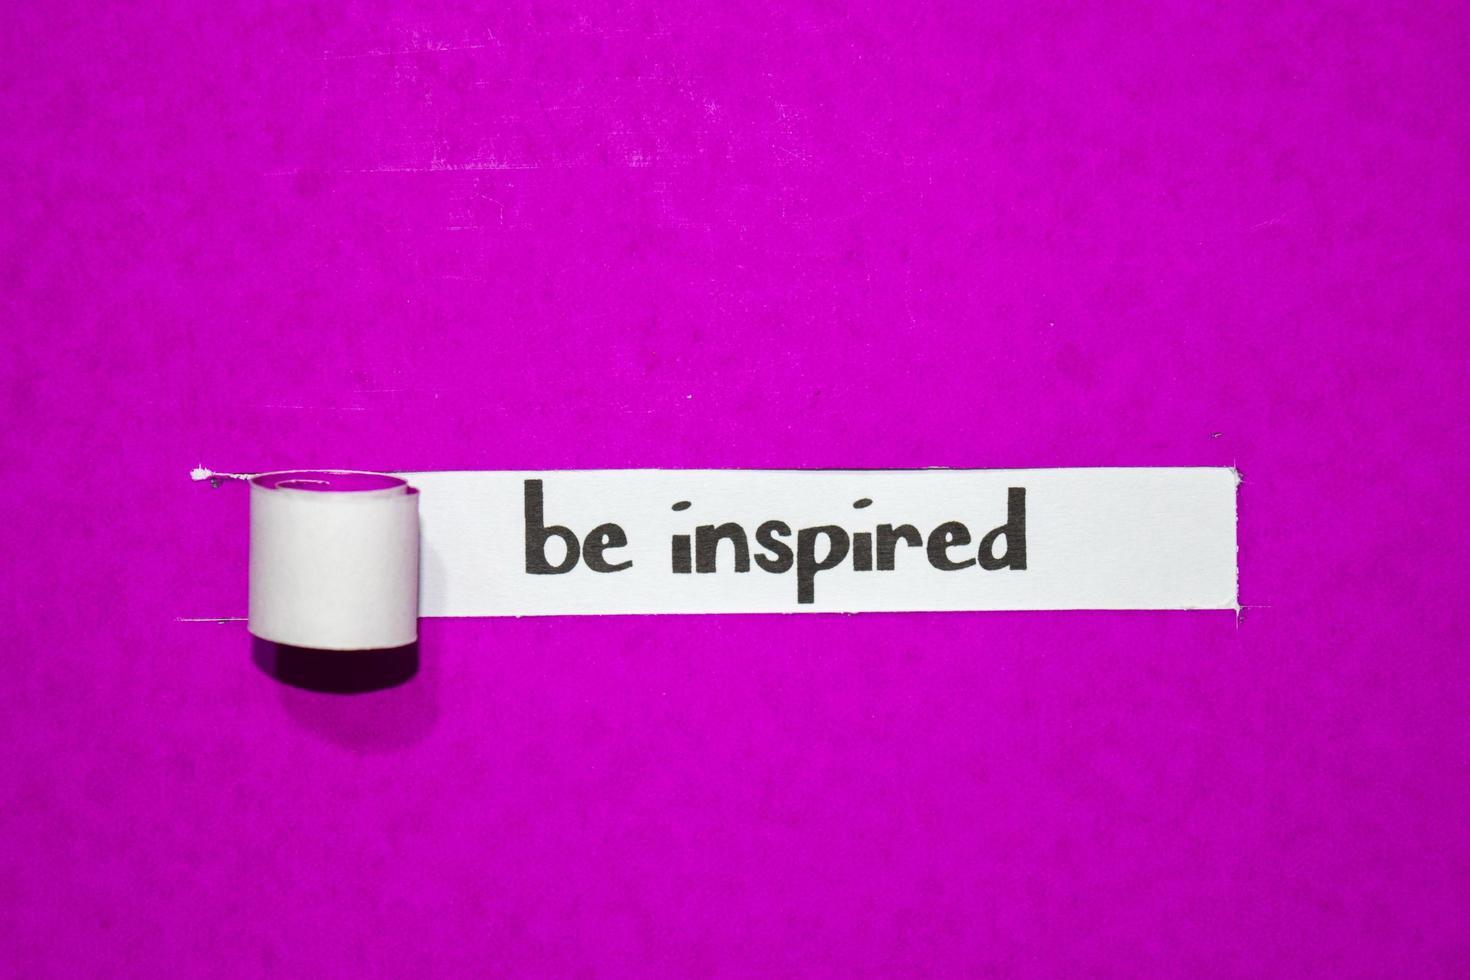 laat je inspireren tekst, inspiratie, motivatie en bedrijfsconcept op paars gescheurd papier foto